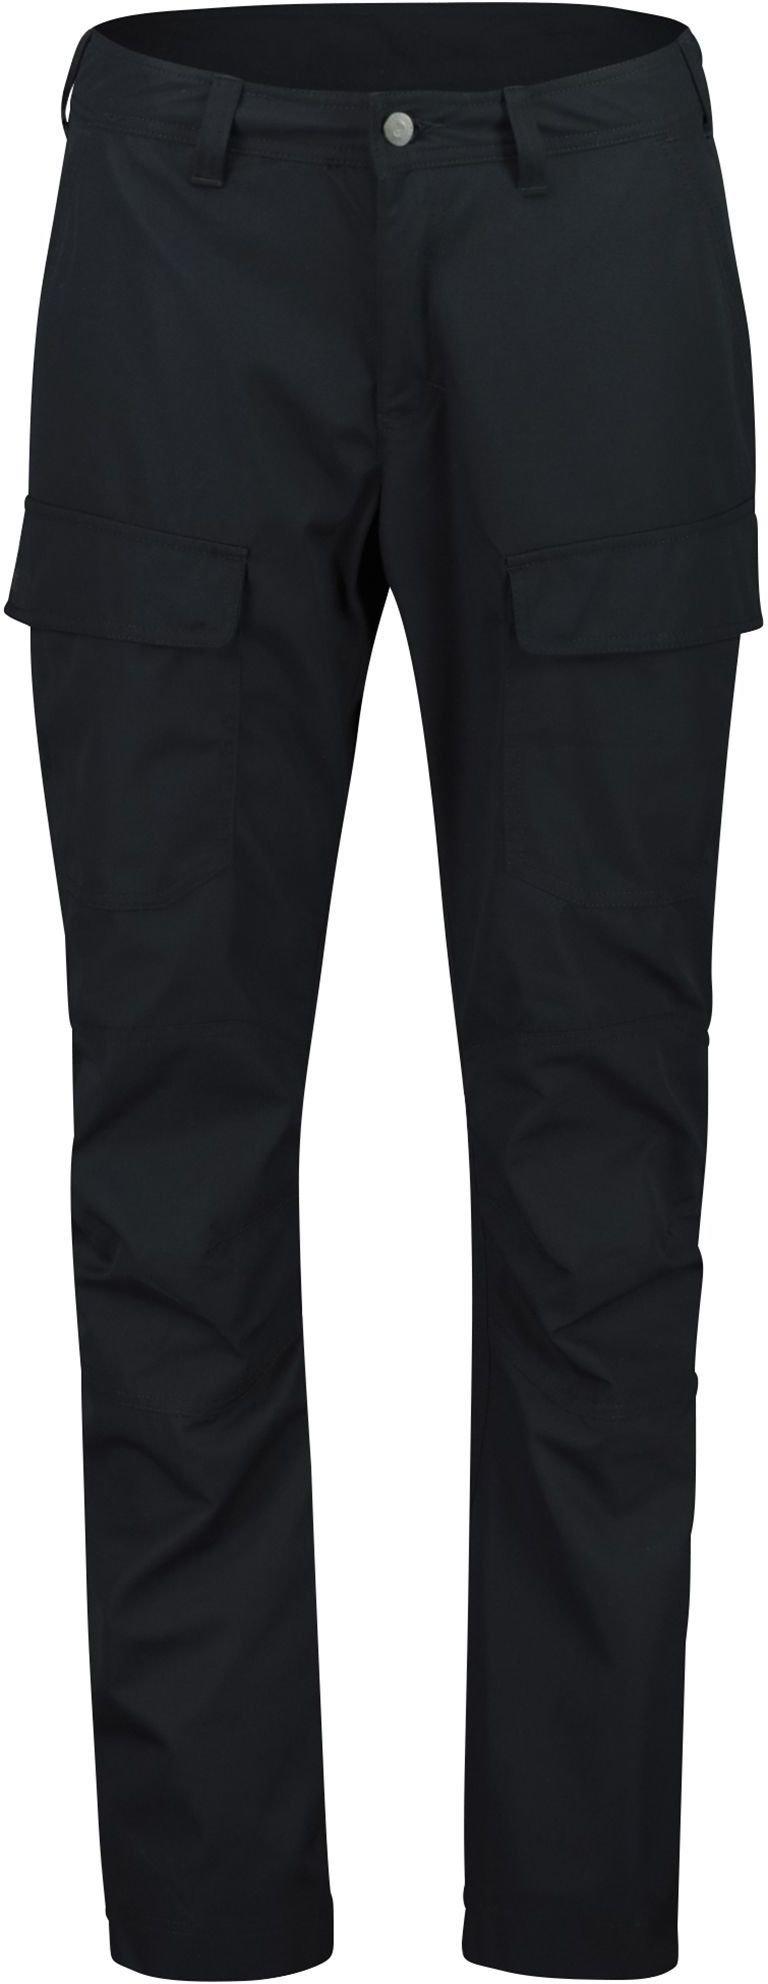 Lundhags Field Pants, herre